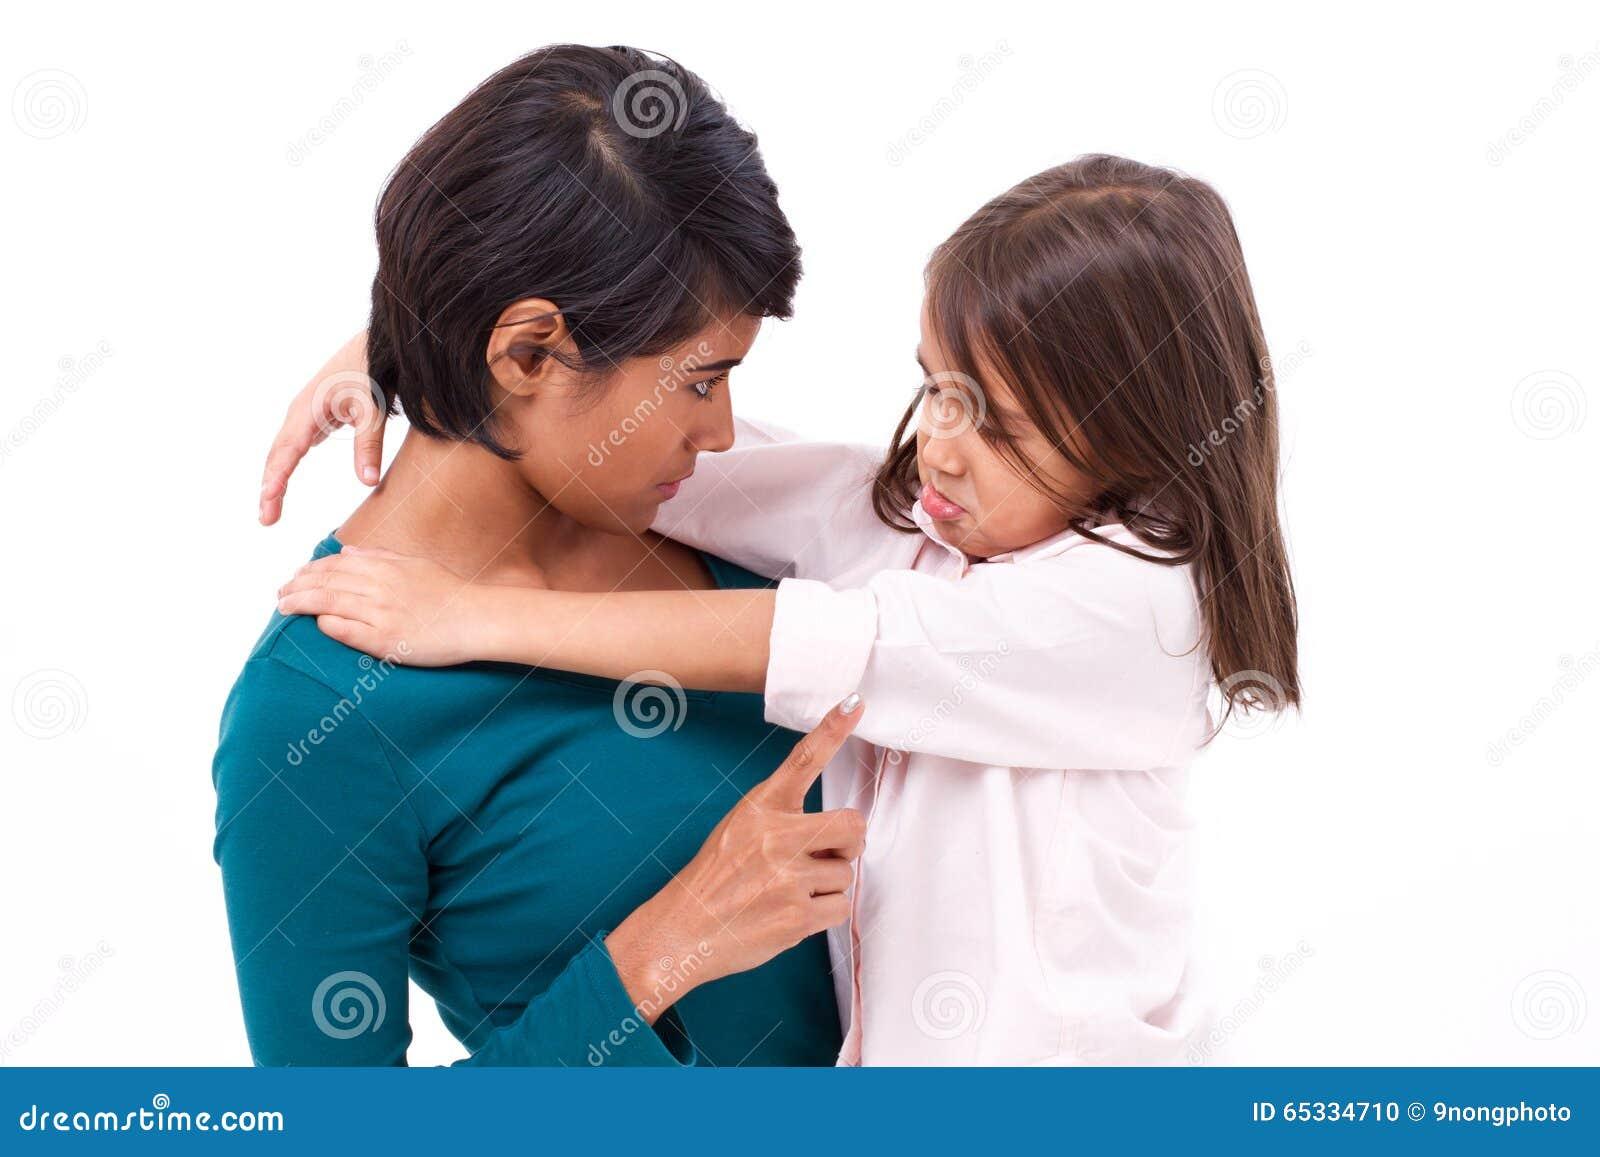 Πειθαρχία διδασκαλίας μητέρων στην κόρη της